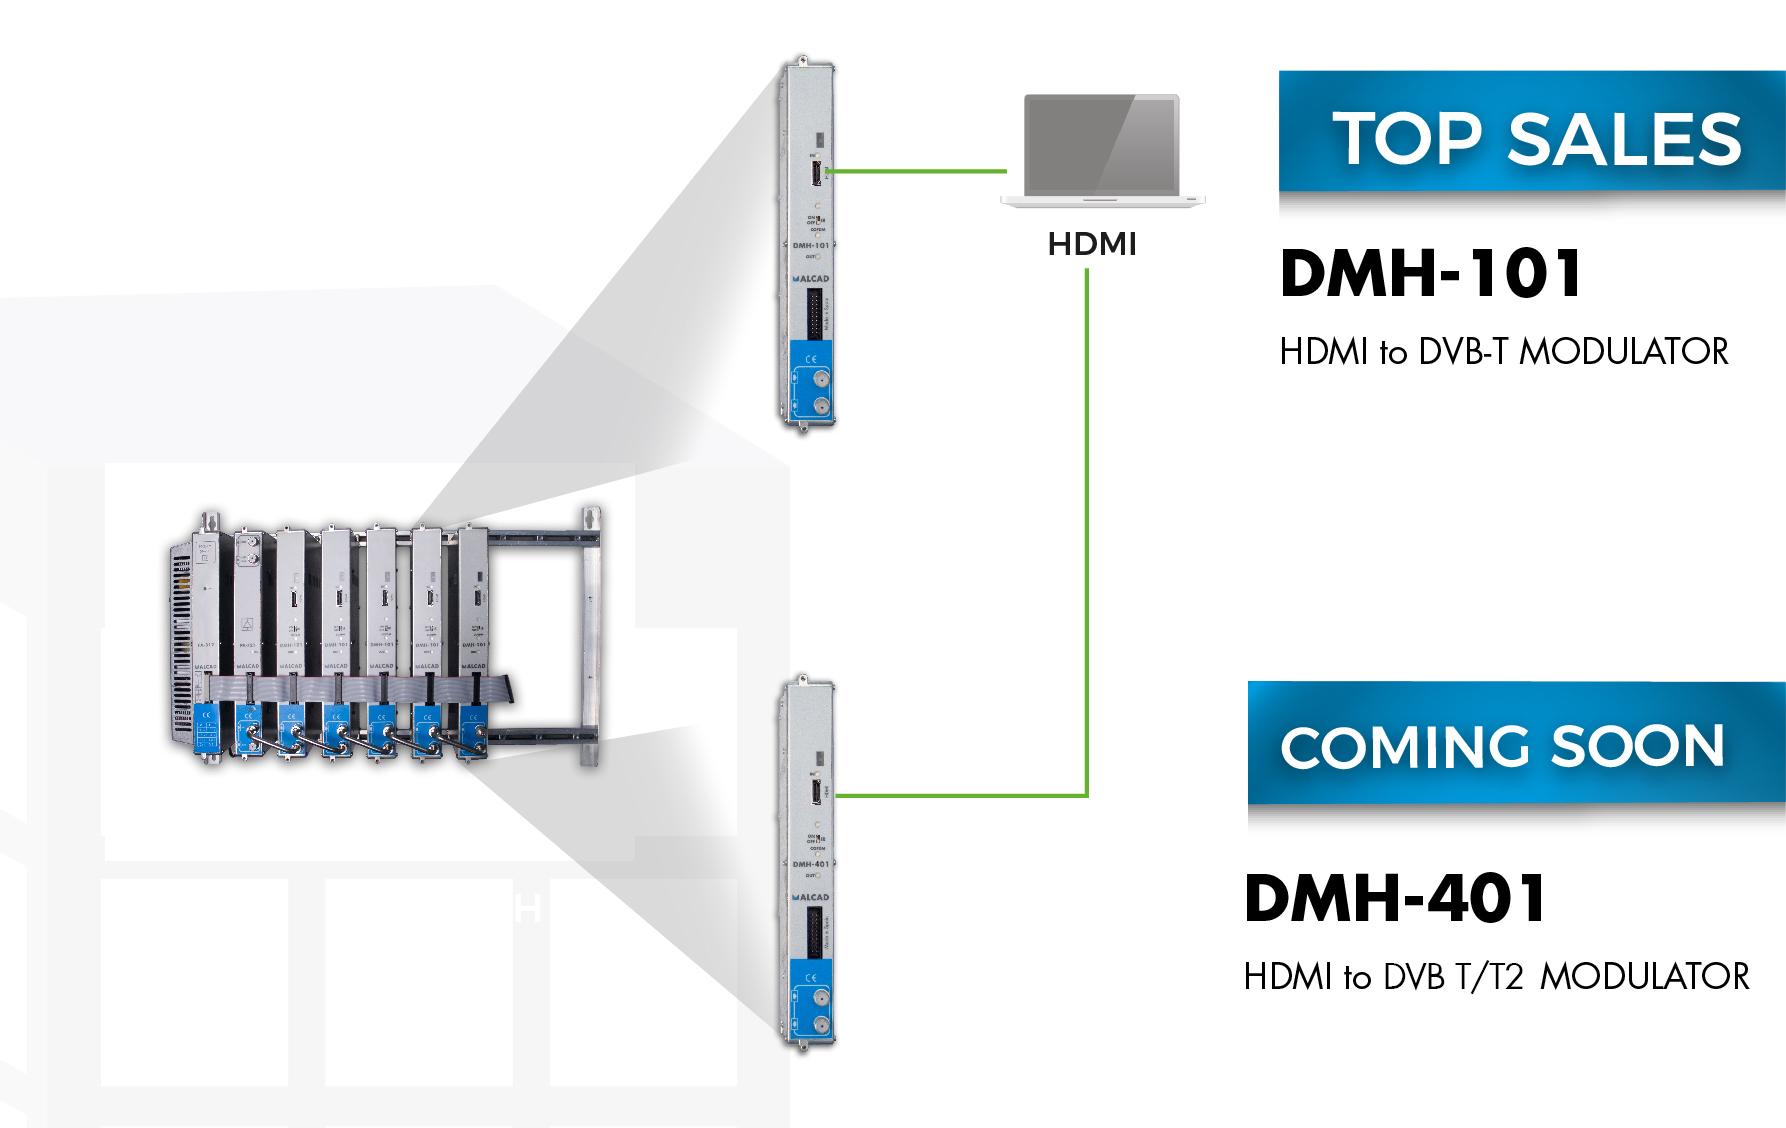 DMH-401, nuevo modulador de HDMI a DVB-T2